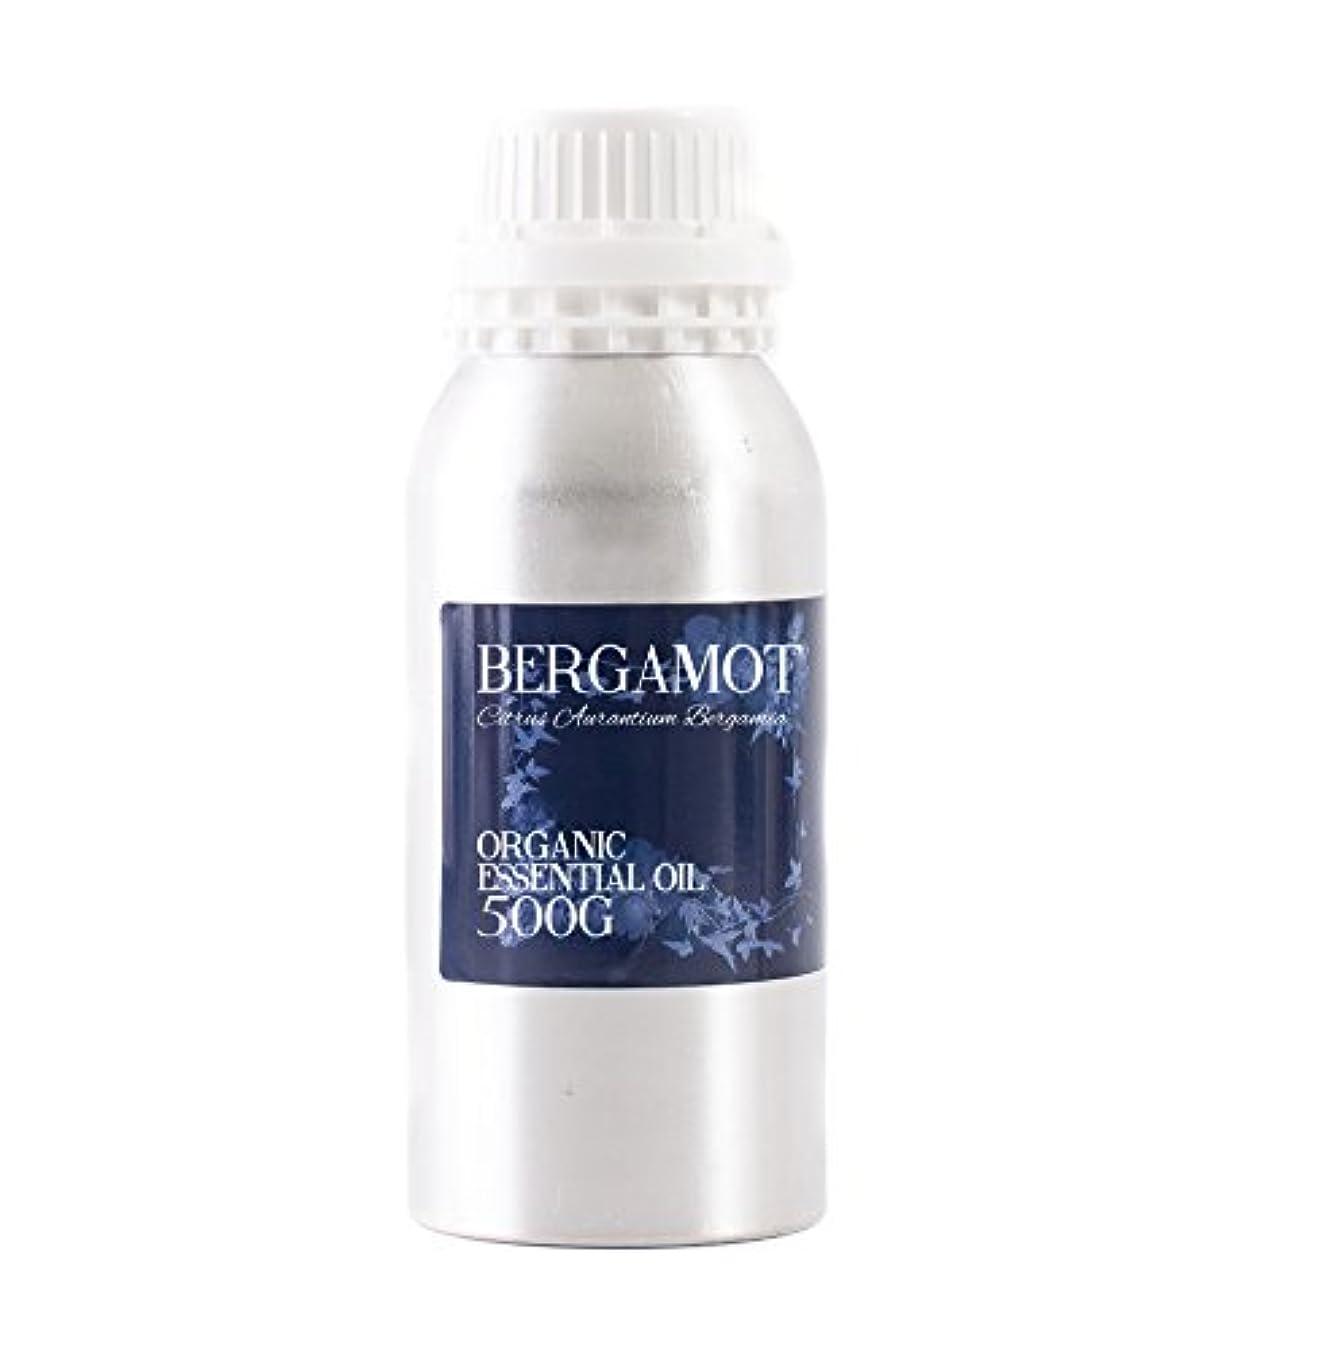 アーネストシャクルトン教授間違いMystic Moments | Bergamot Organic Essential Oil - 500g - 100% Pure